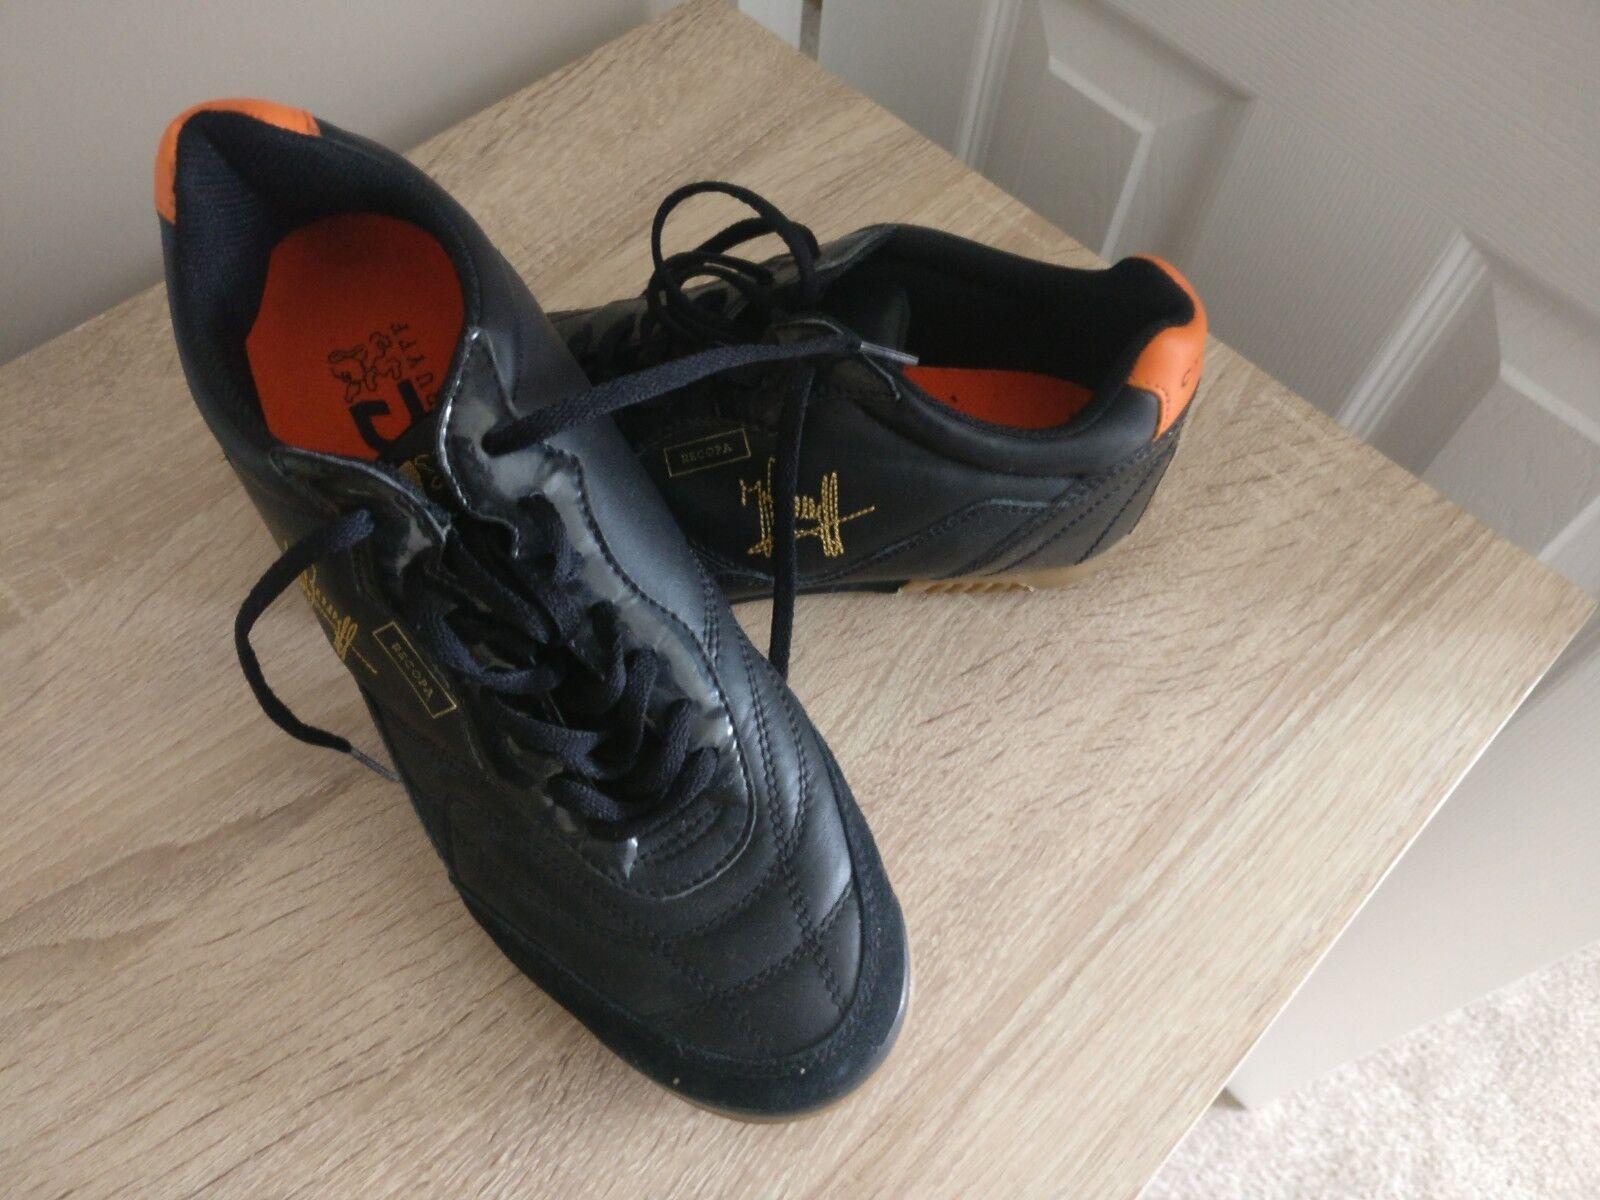 Cruyff Zapatillas Entrenamiento Tamaño 8 par de edición limitada